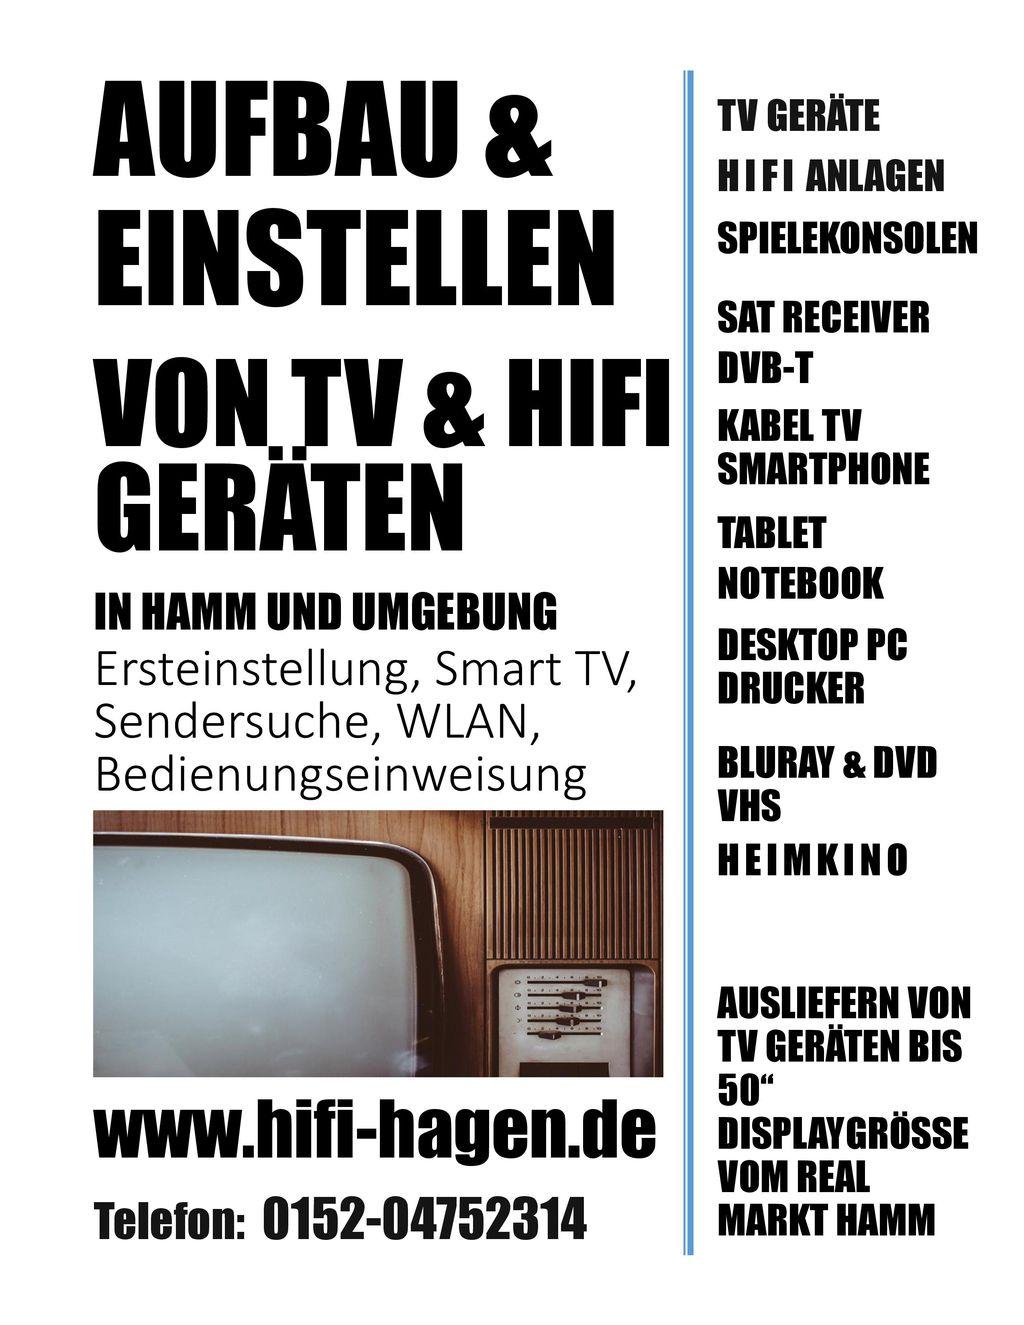 Aufbau & Einstellen Von Tv & Hifi Geräten www.hifi-hagen.de